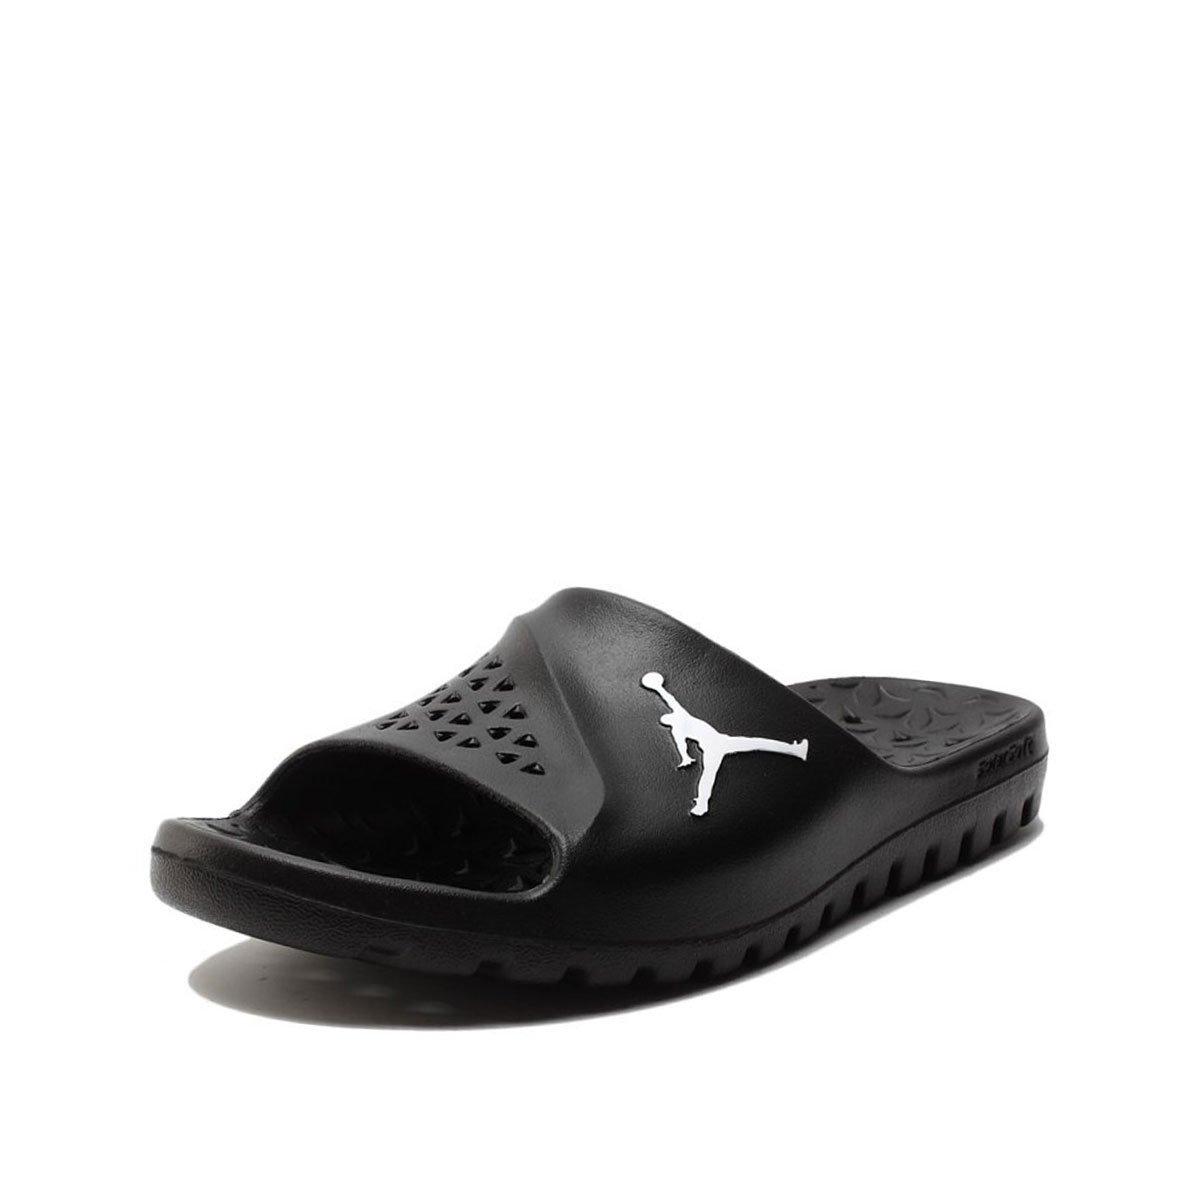 Nike Jordan Super Fly Team Slide